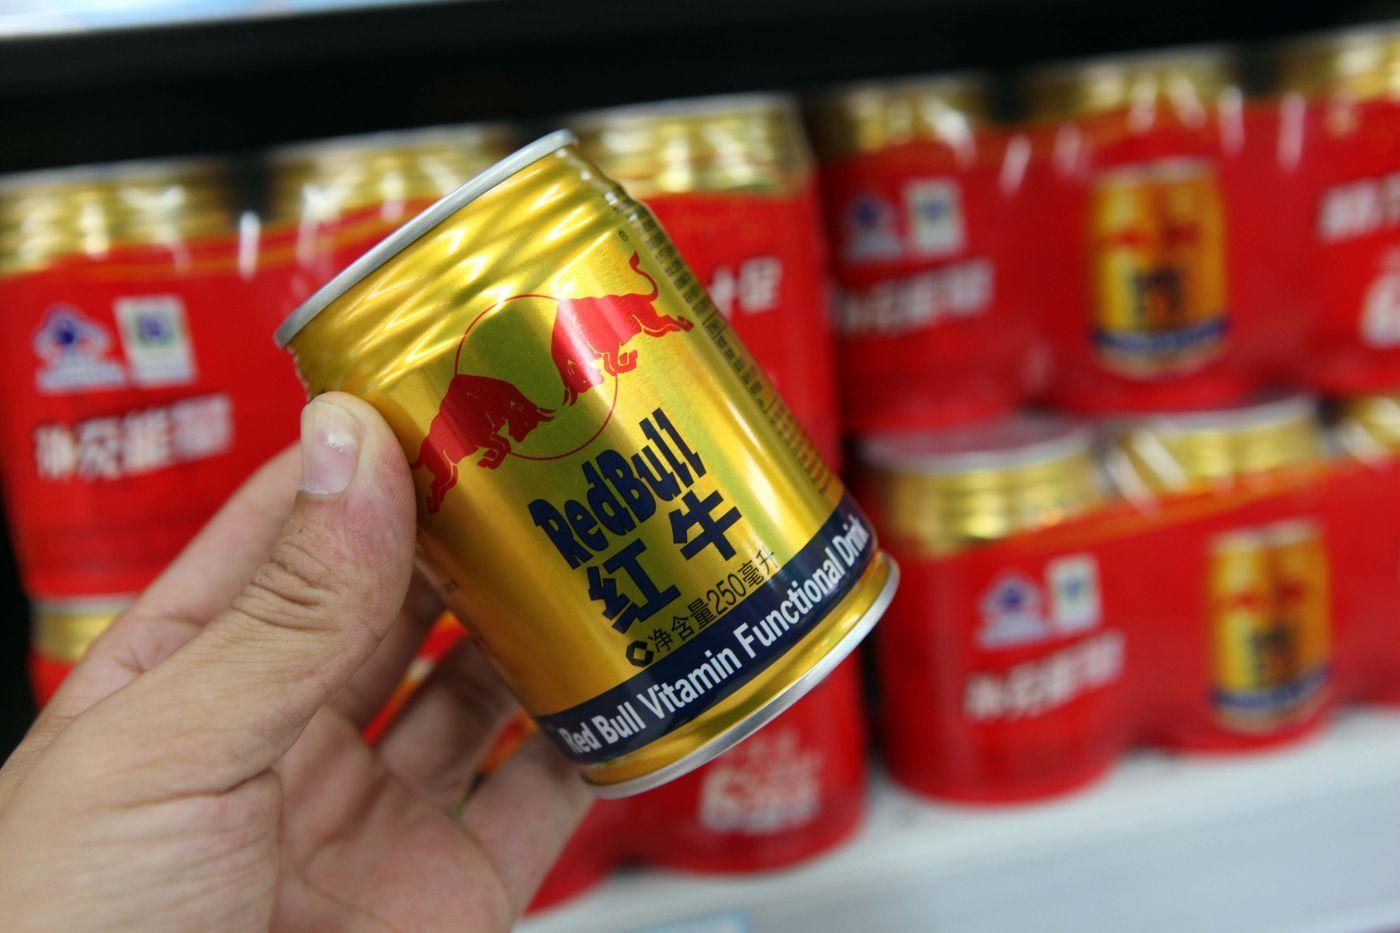 泰国天丝起诉中国红牛再遭驳回 功能型饮料市场争夺日趋激烈